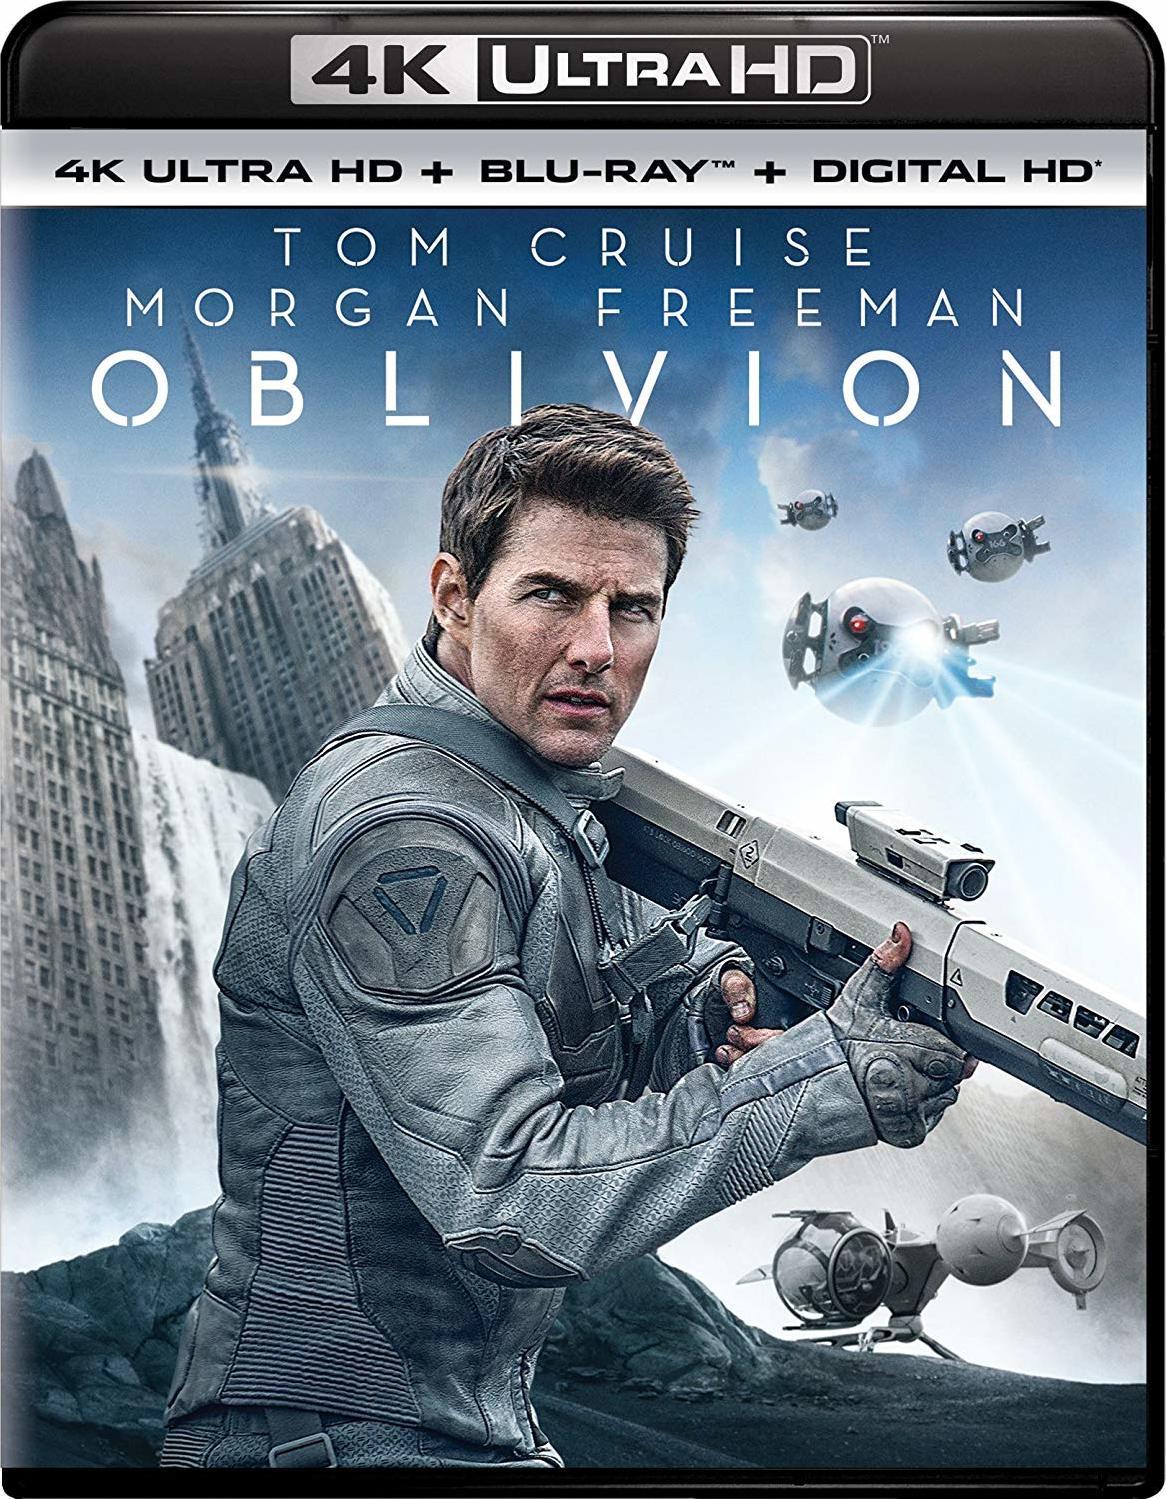 Oblivion (2013) 4K Ultra HD Blu-ray